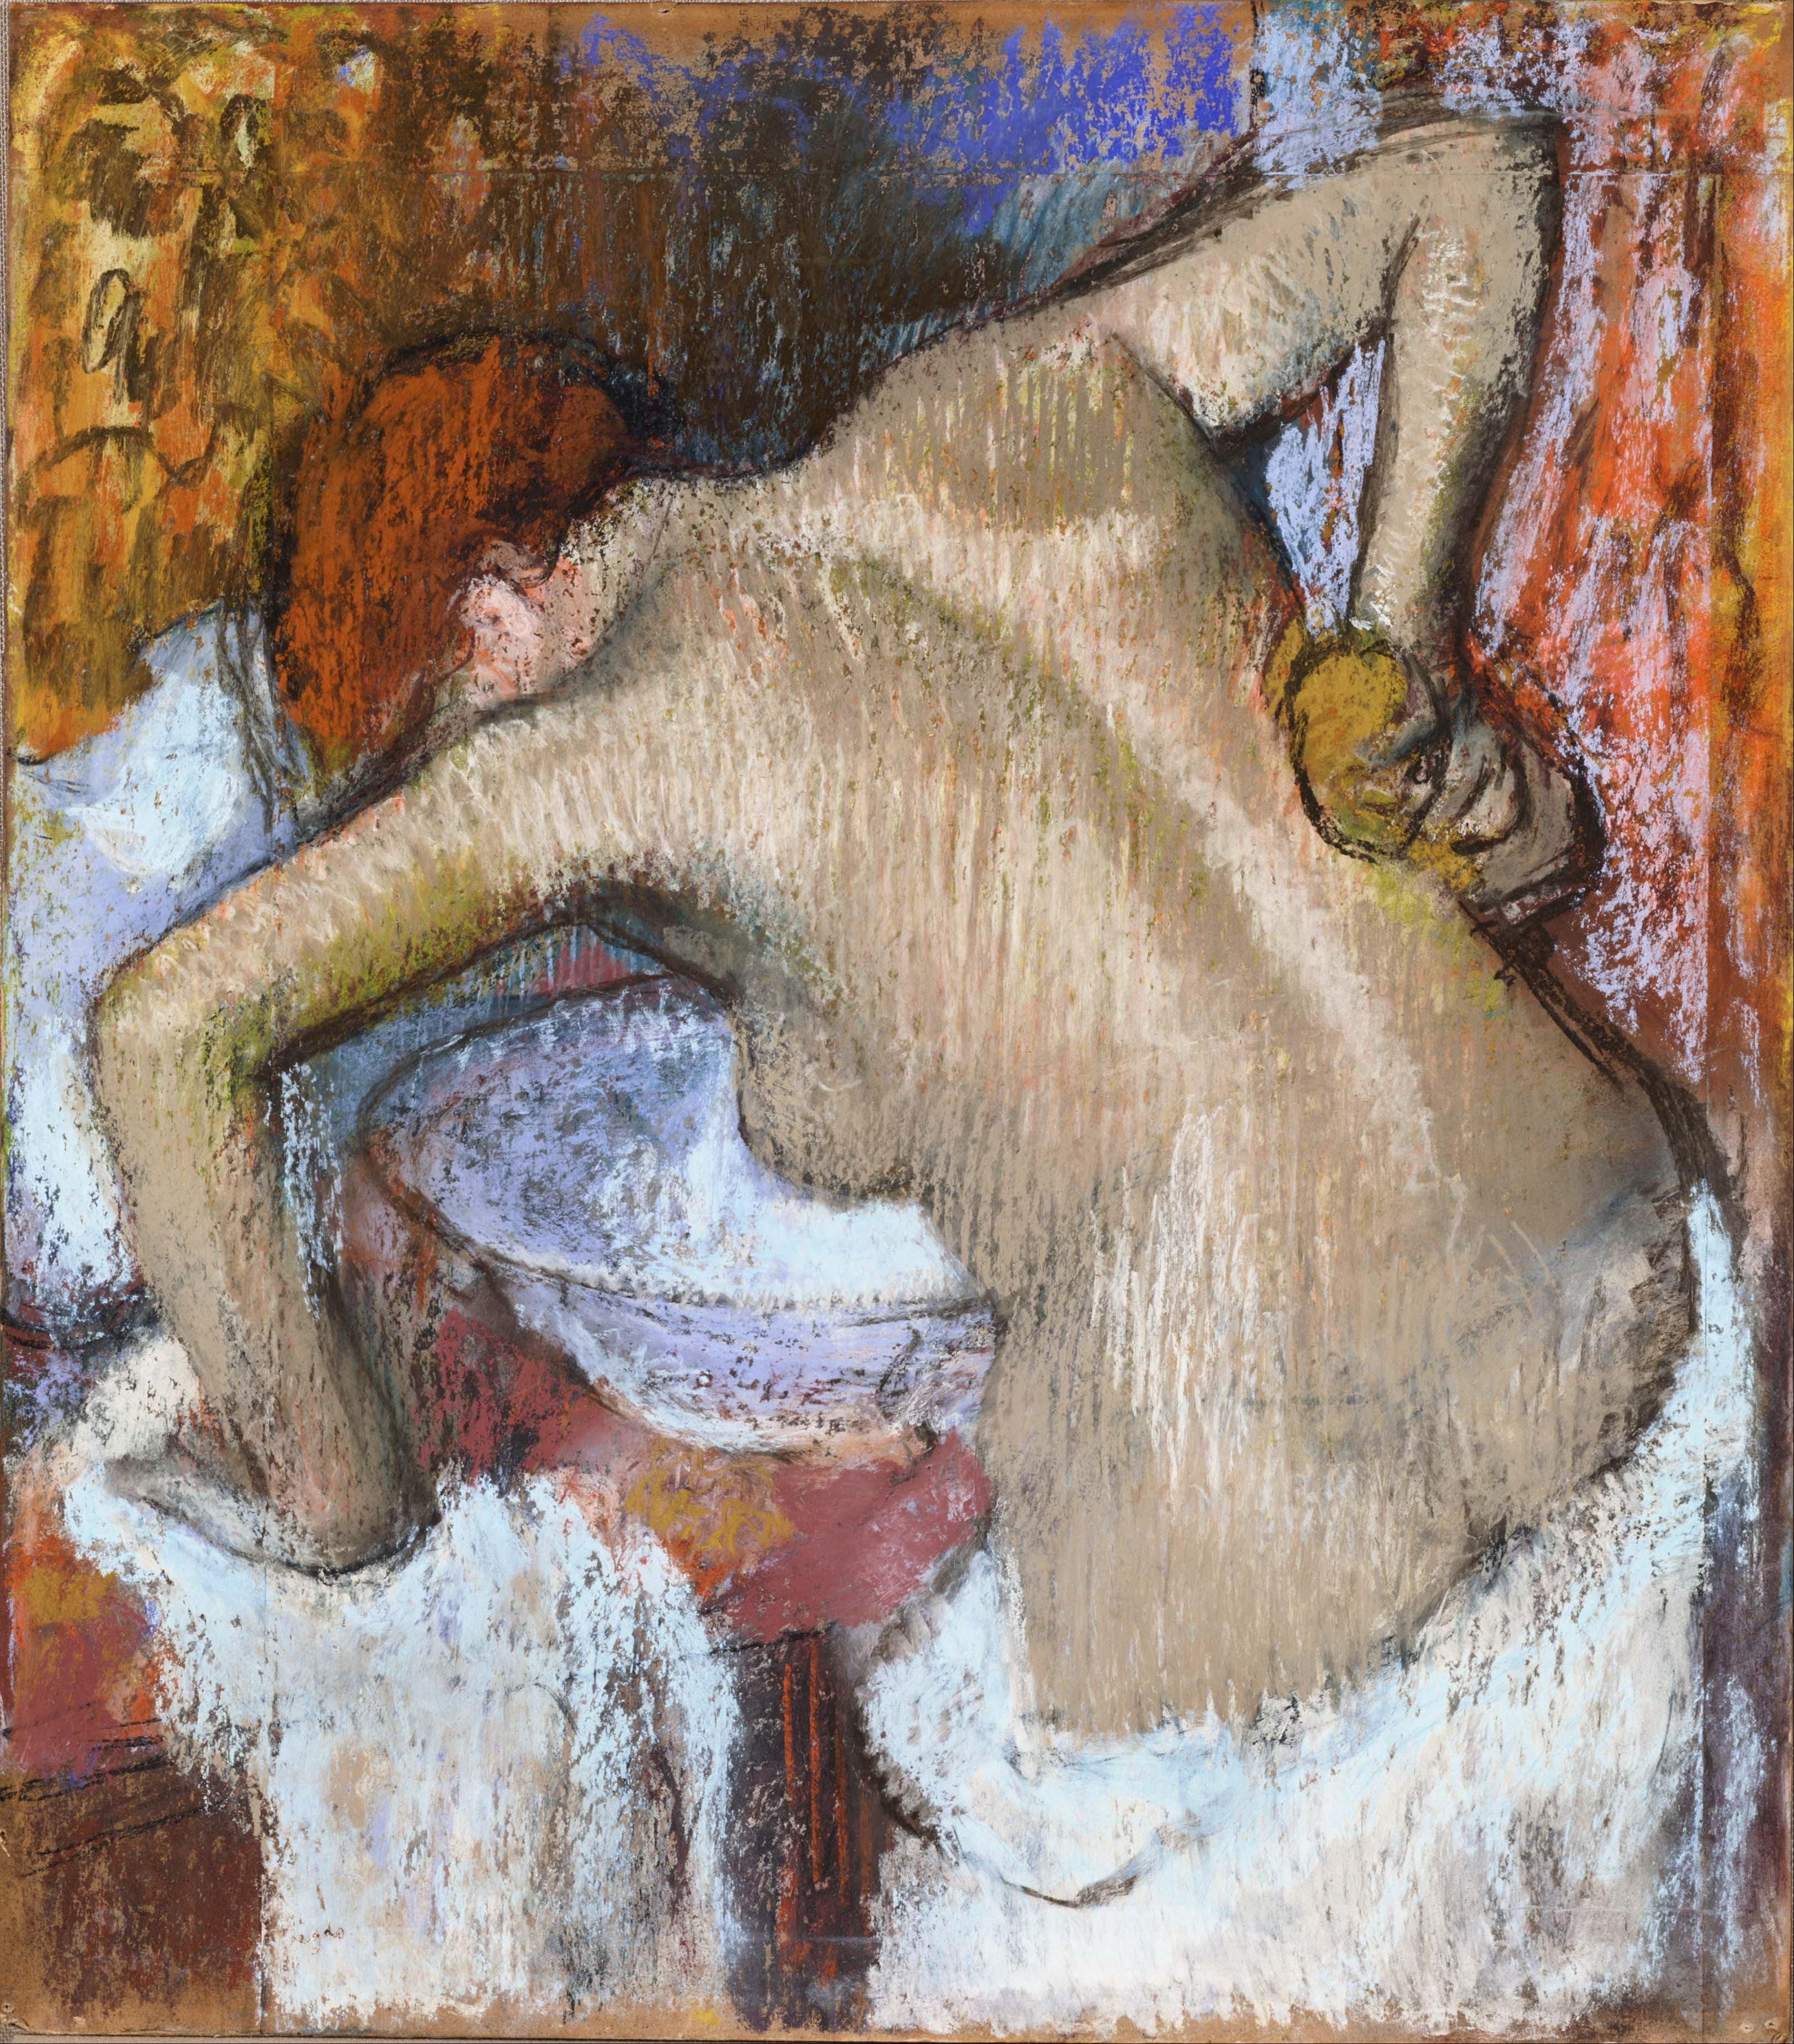 Edgar Degas, 1834-1917. Женщина за туалетом. 1888-1892. 70.9 х 62.4 см. пастель. Токио, Национальный музей западного искусства